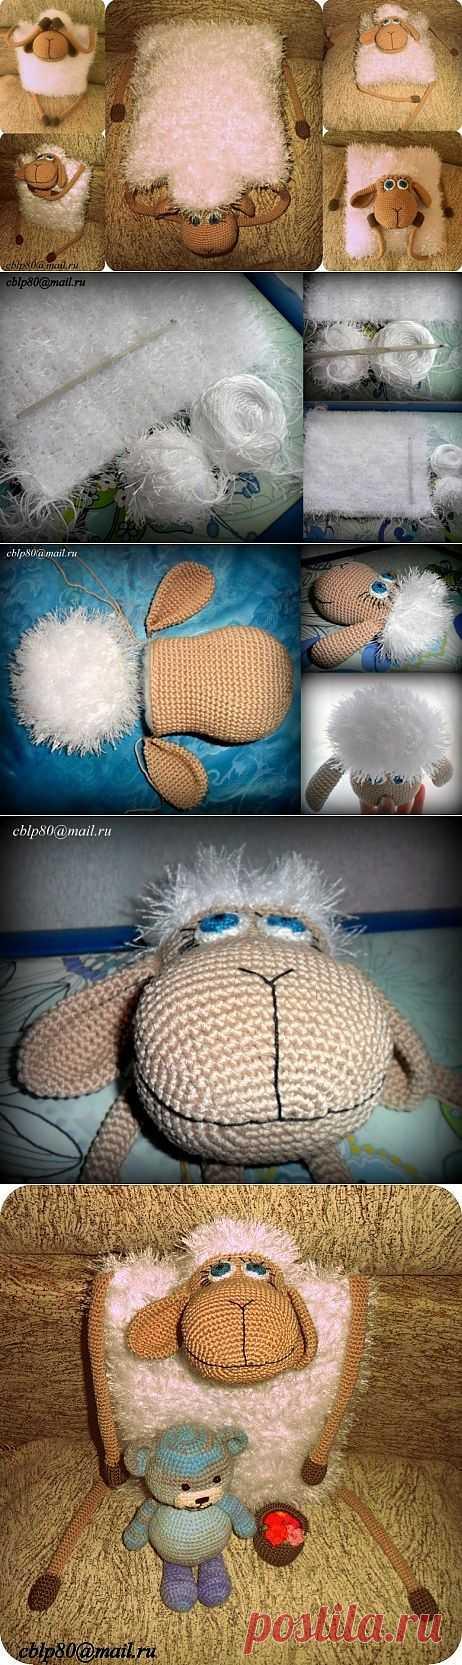 Вязаная подушка-игрушка Овечка крючком.